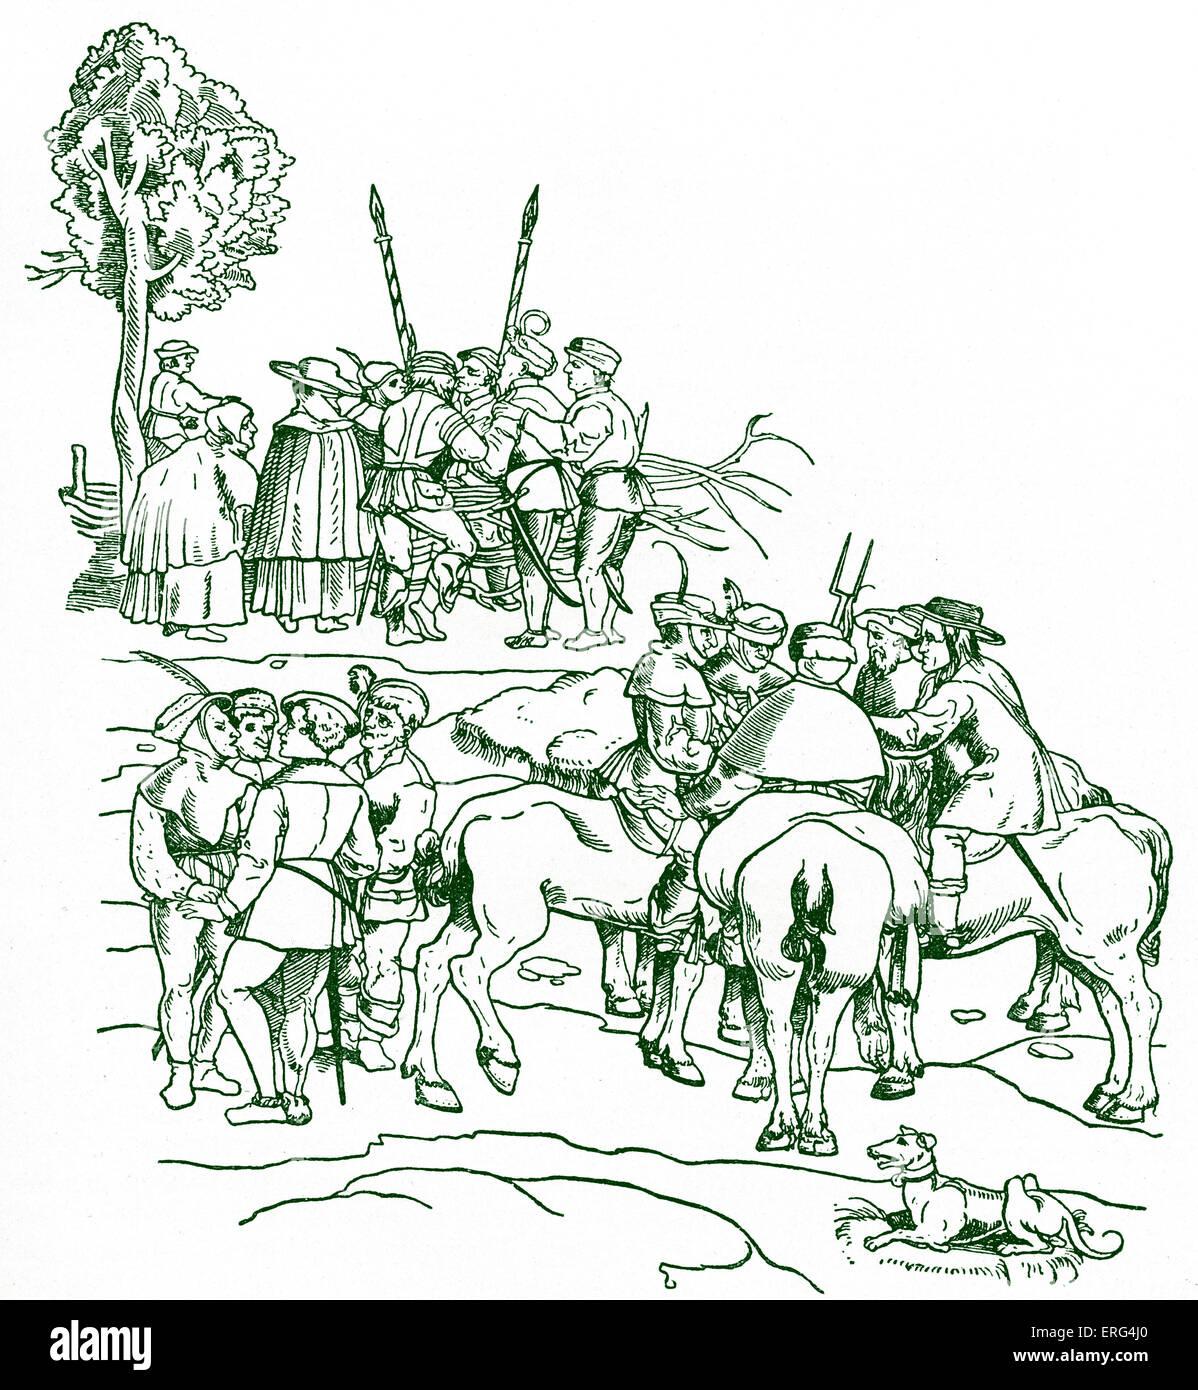 Los campesinos armados parcela entre sí. La guerra de los campesinos alemanes. Alemán del siglo XVI xilografía Imagen De Stock